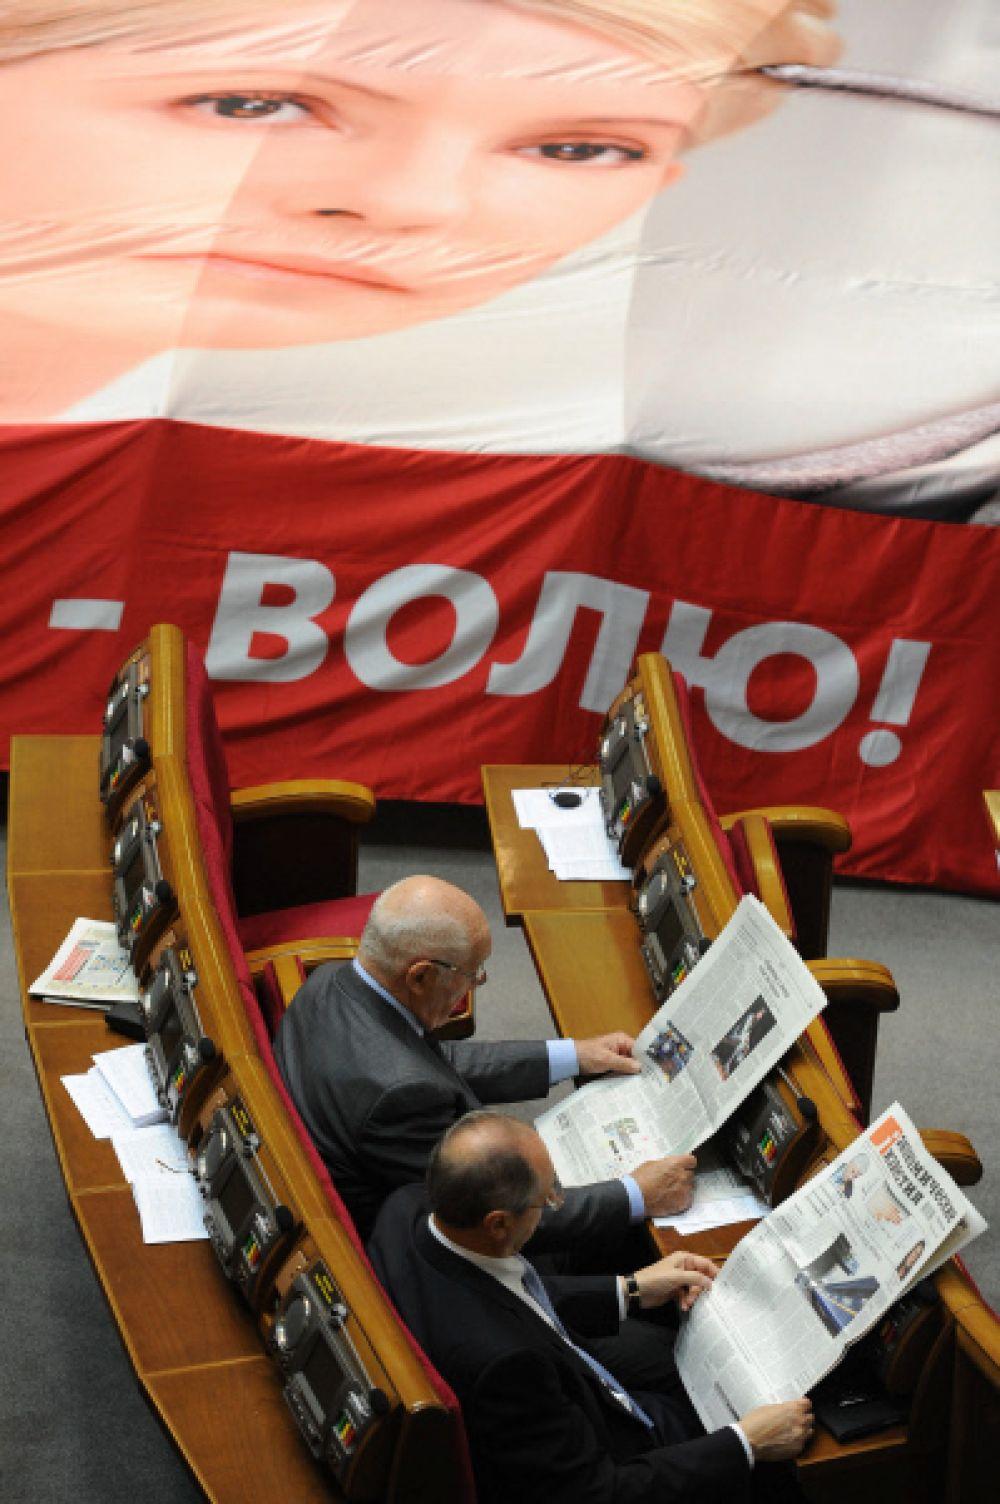 Евросоюз назвал этот приговор несправедливым и политически мотивированным. Администрация президента США призвала освободить Тимошенко. Недовольство приговором выразили также Германия, Великобритания, Франция, Италия, Канада, Швеция, Польша, Чехия, Венгрия.